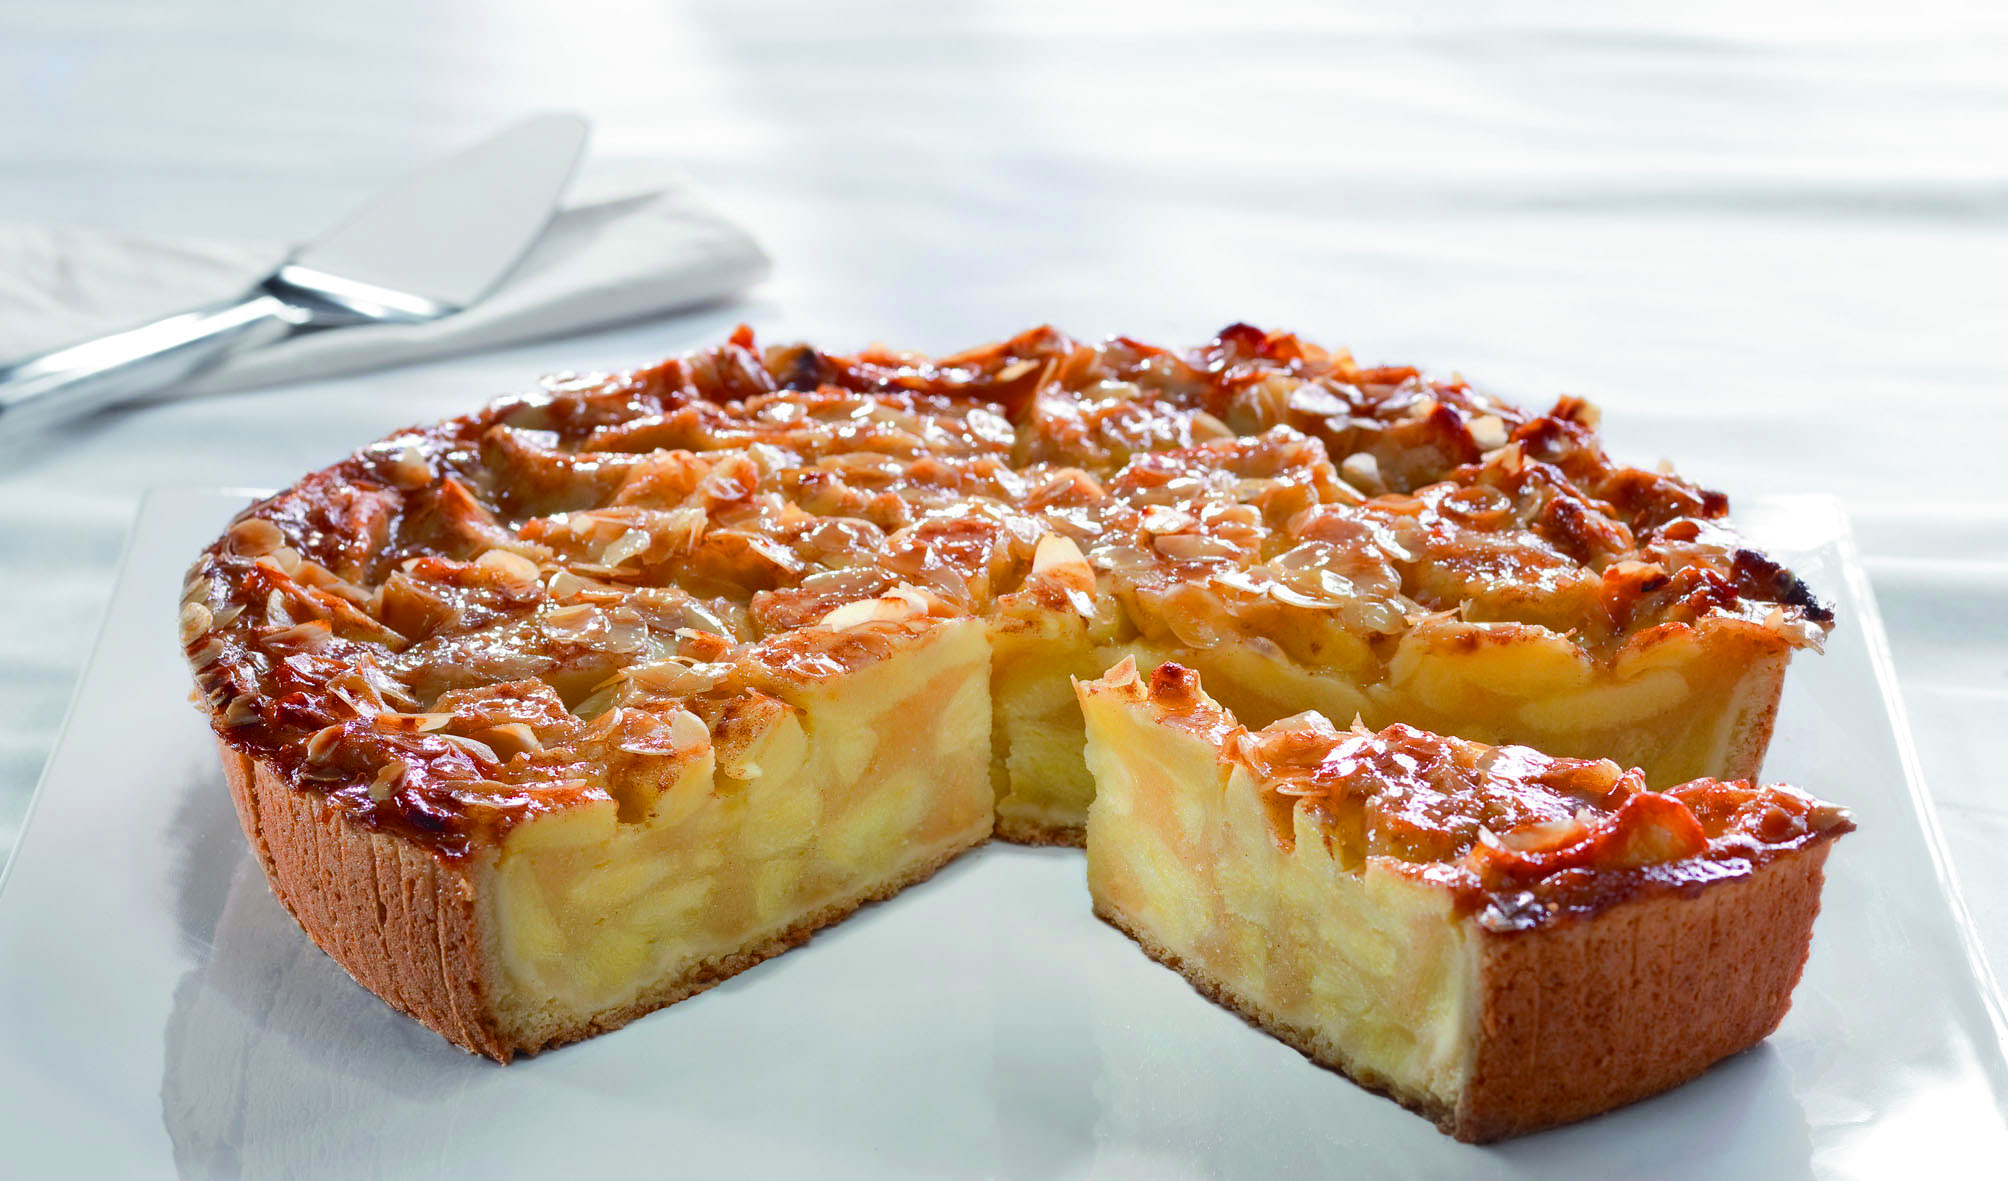 Pfalzgraf Gourmet Apfeltorte lactosefrei vorgeschnitten 2250 g